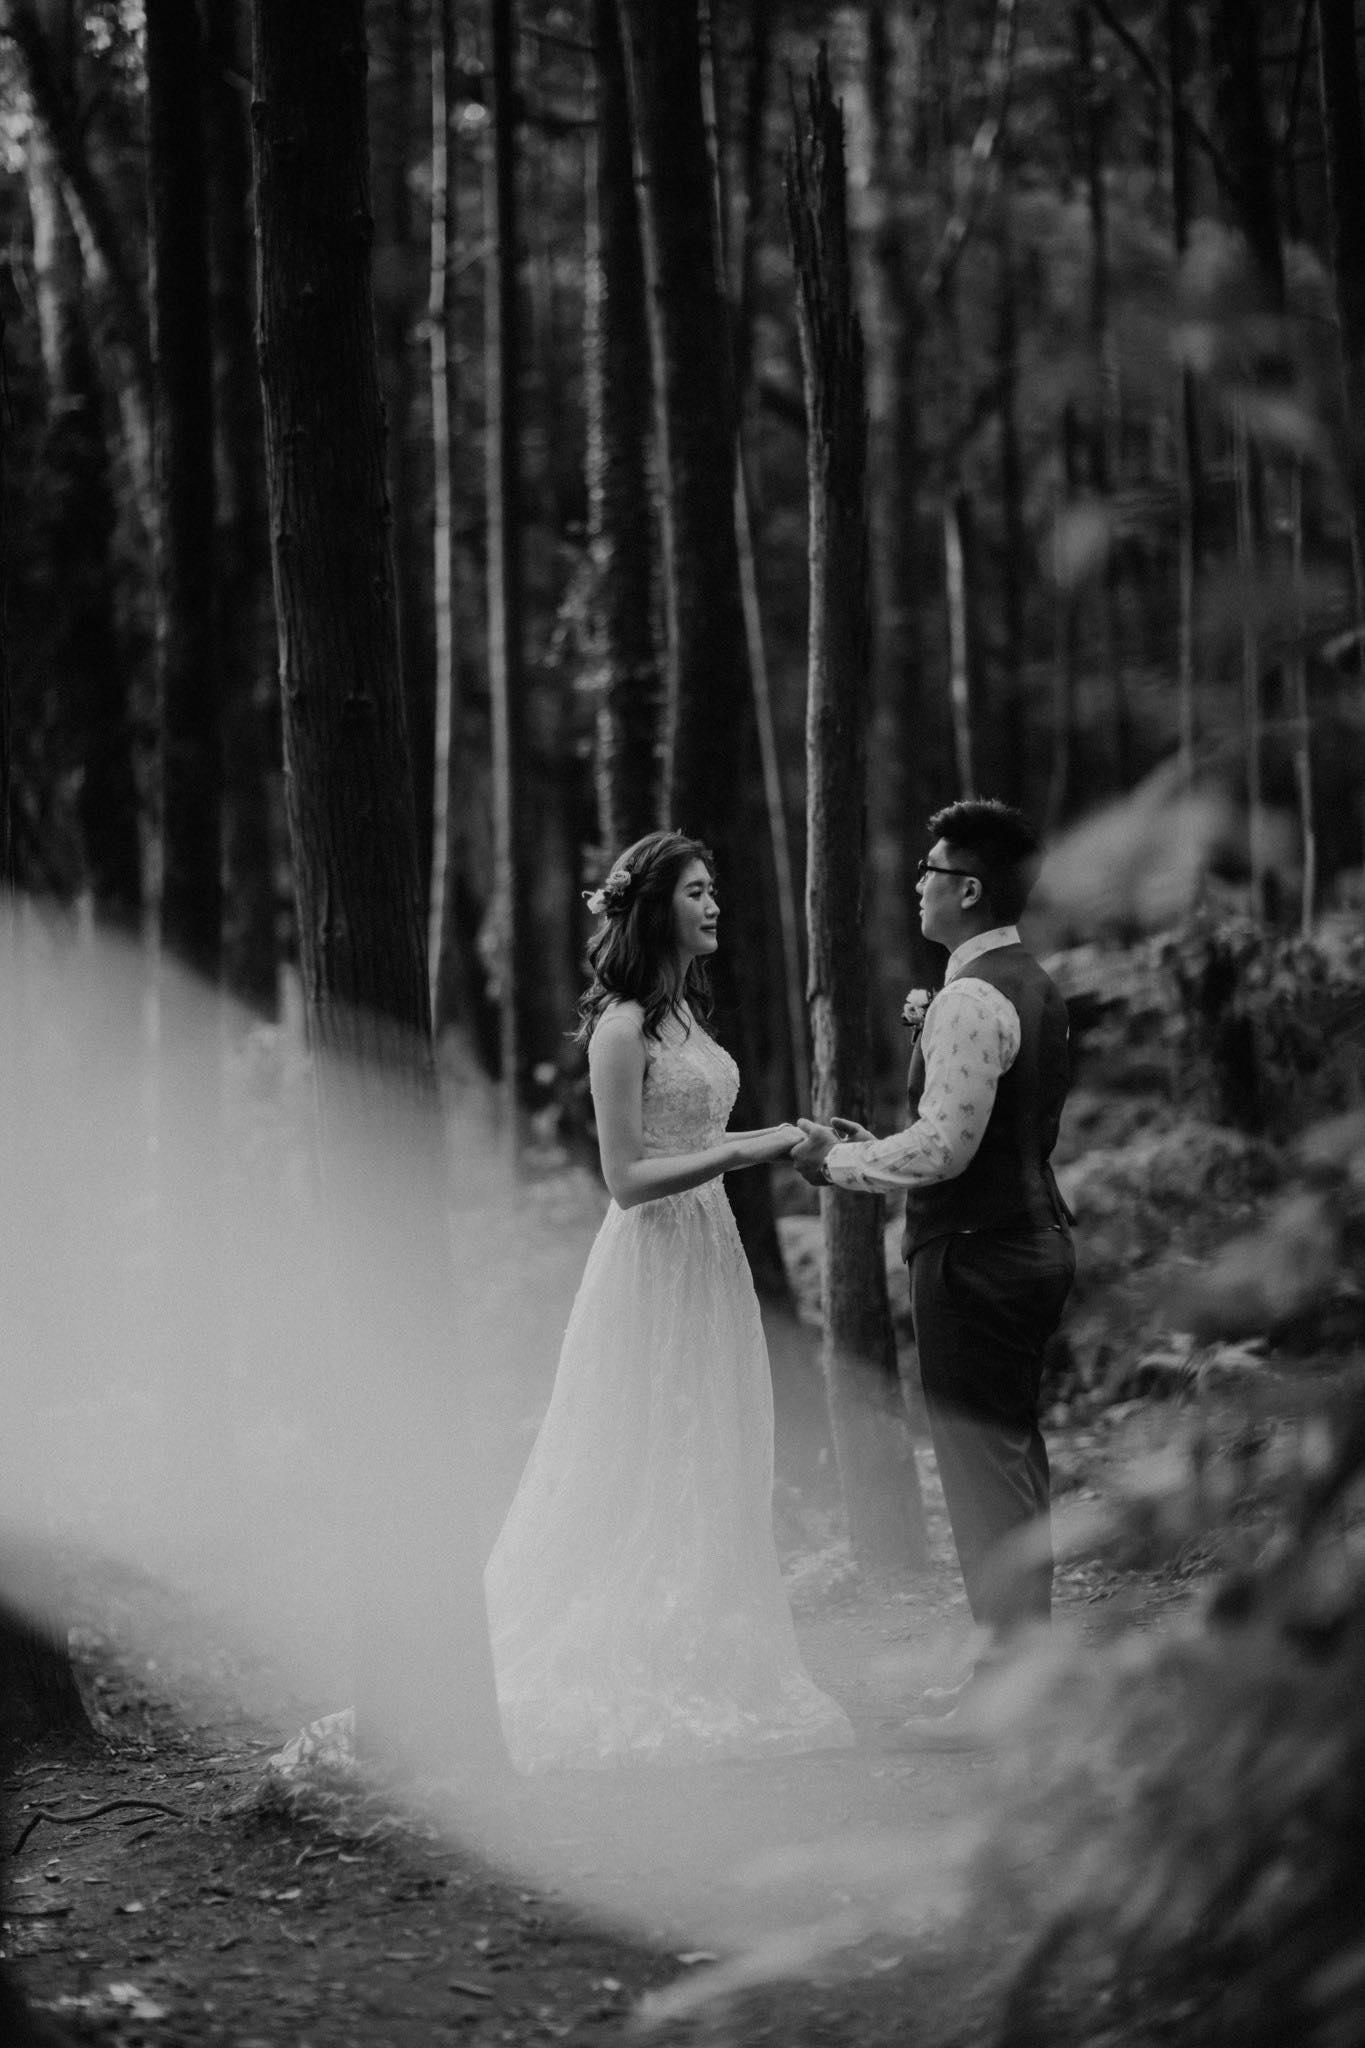 Engagement/婚紗新秘